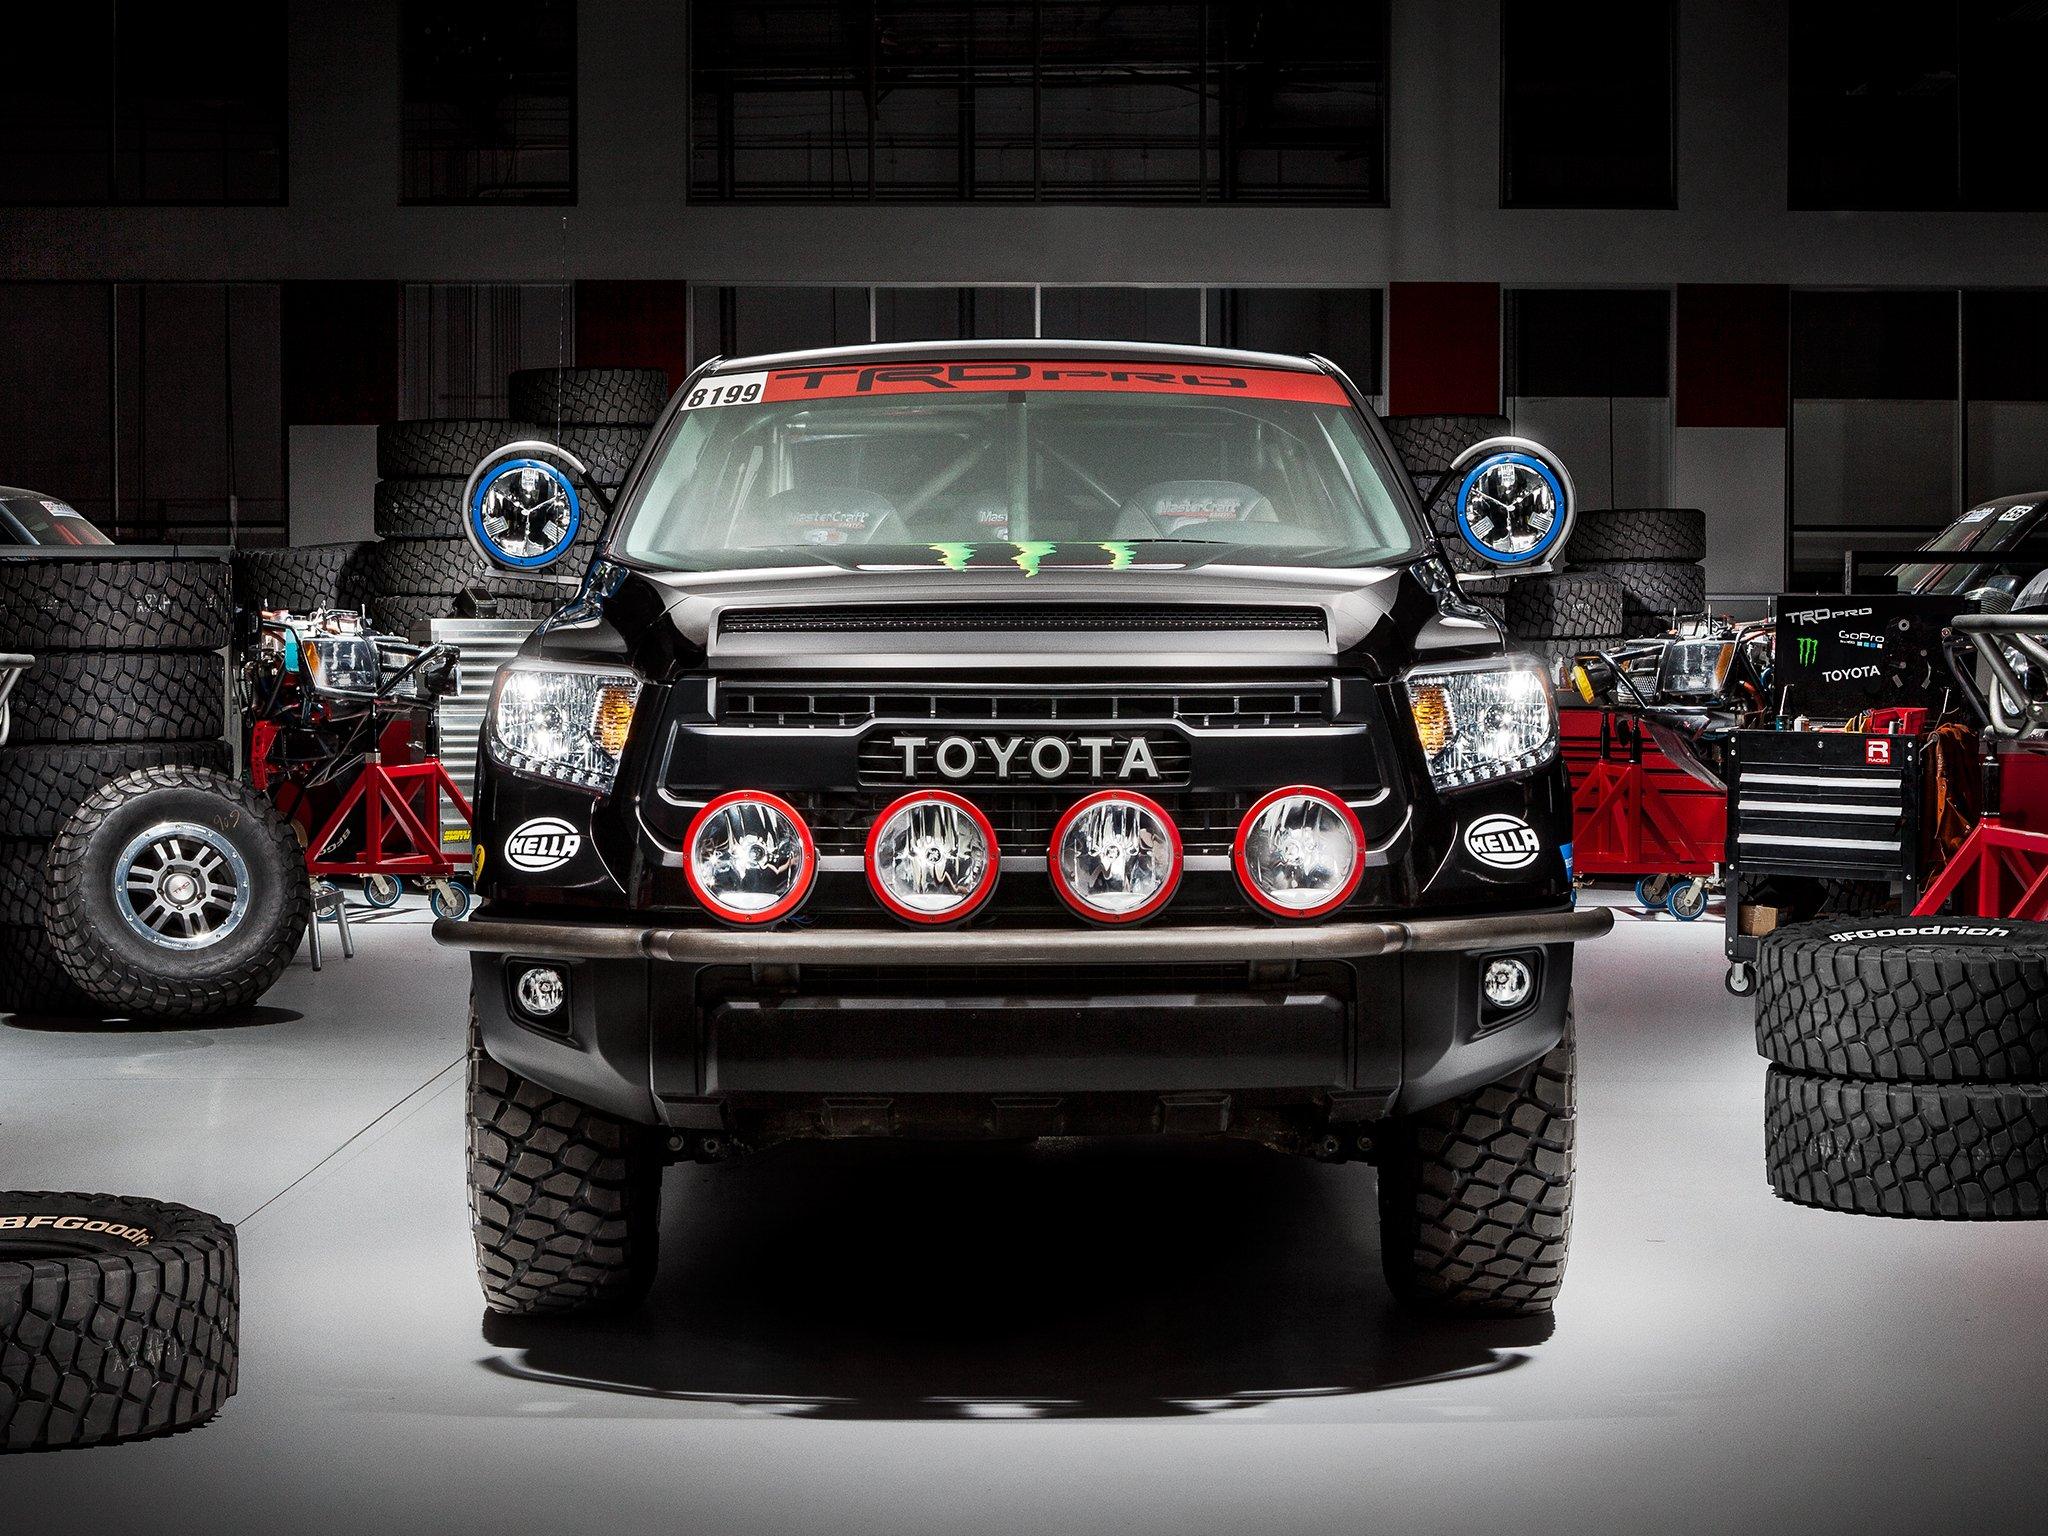 TRD Toyota Tundra Pro Baja offroad race racing pickup 4x4 wallpaper 2048x1536